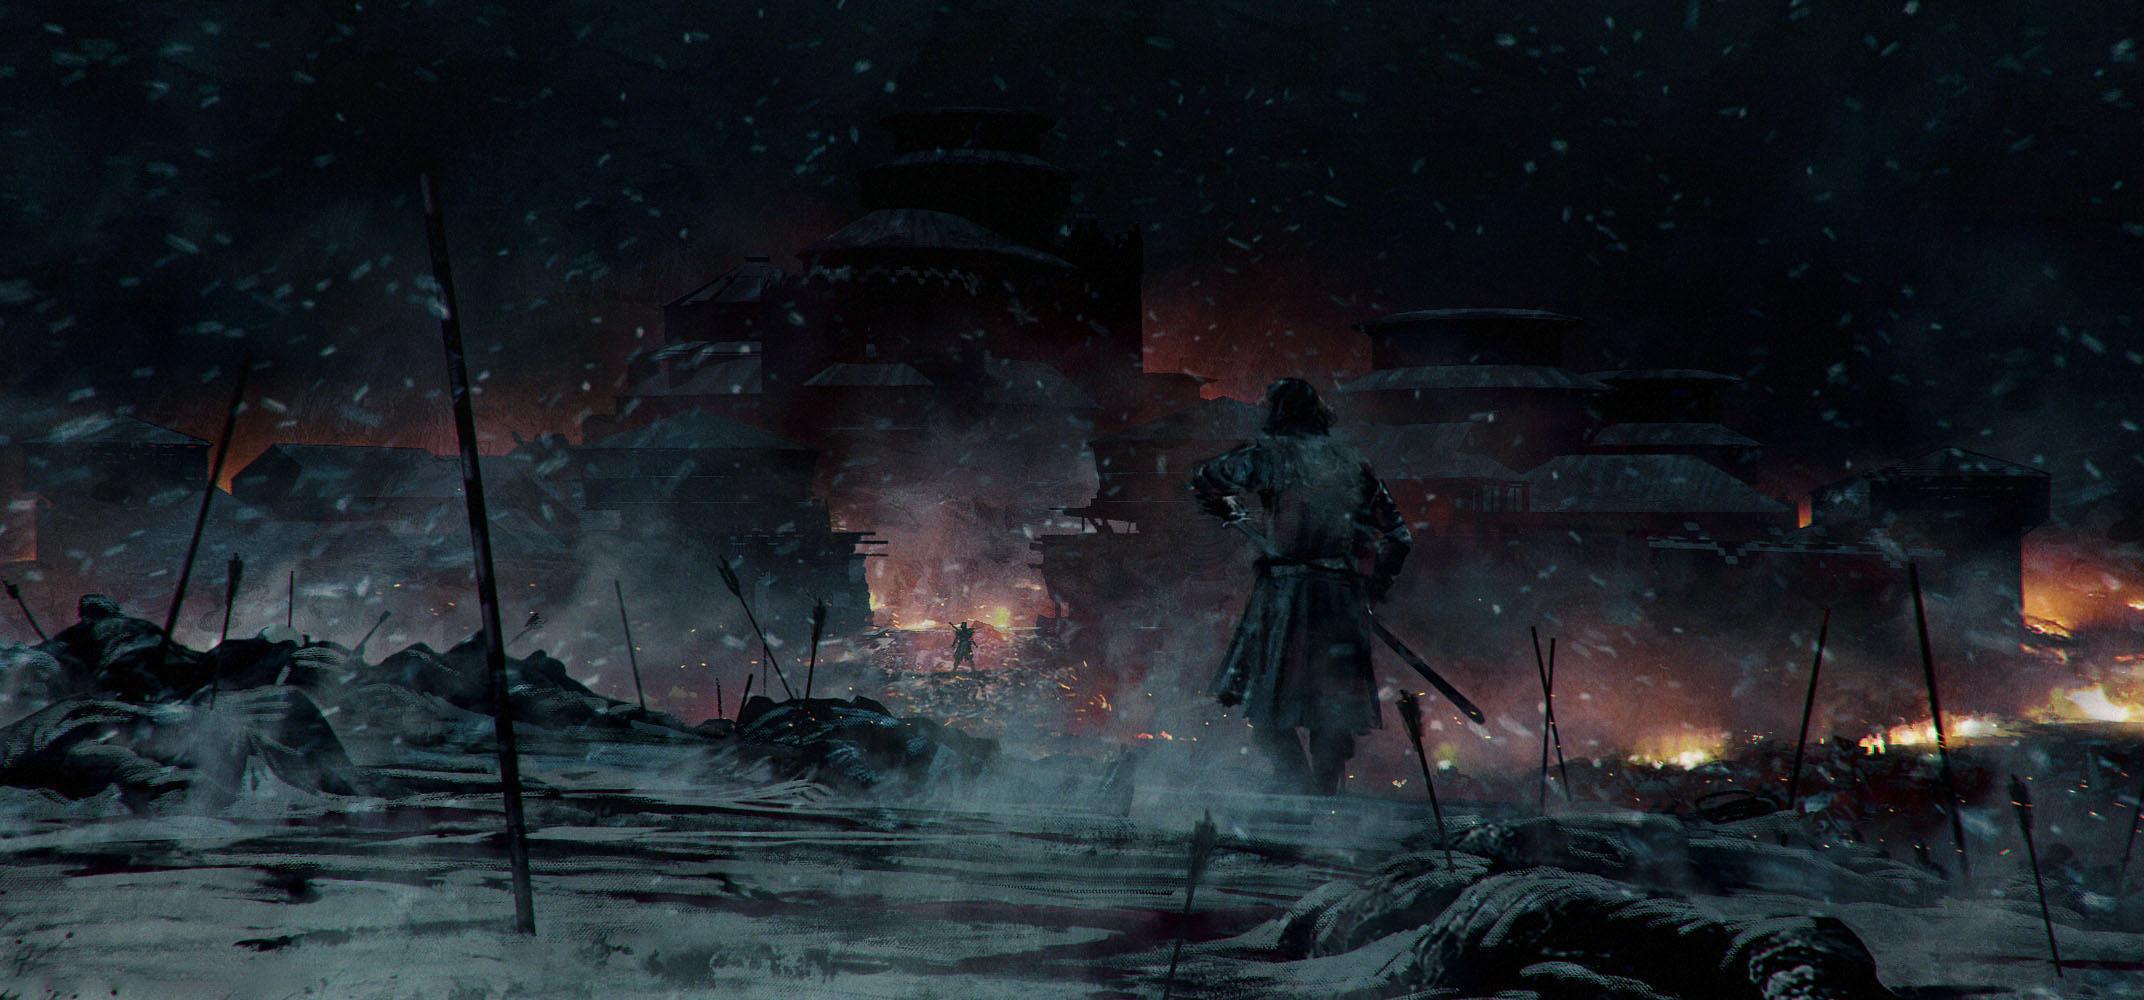 GOT8_Winterfell_Hill_skt_007b_ps_med copy.jpg